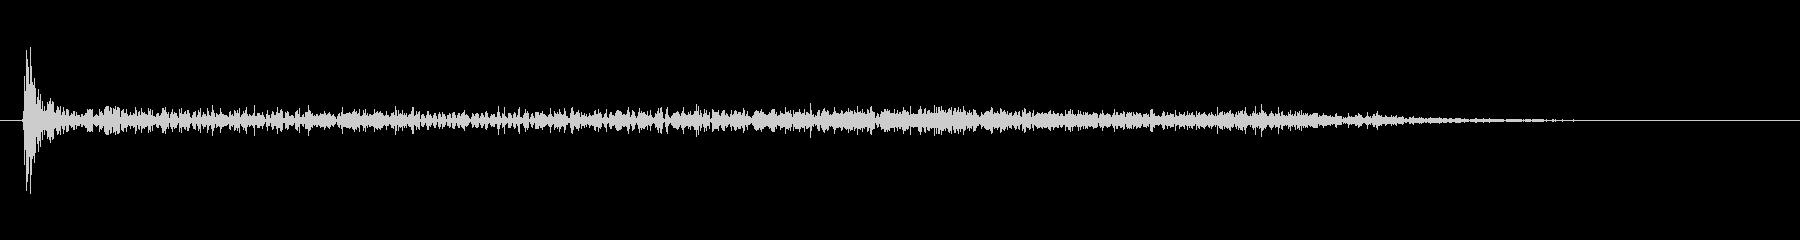 銃 ポップガンショット歪曲03の未再生の波形